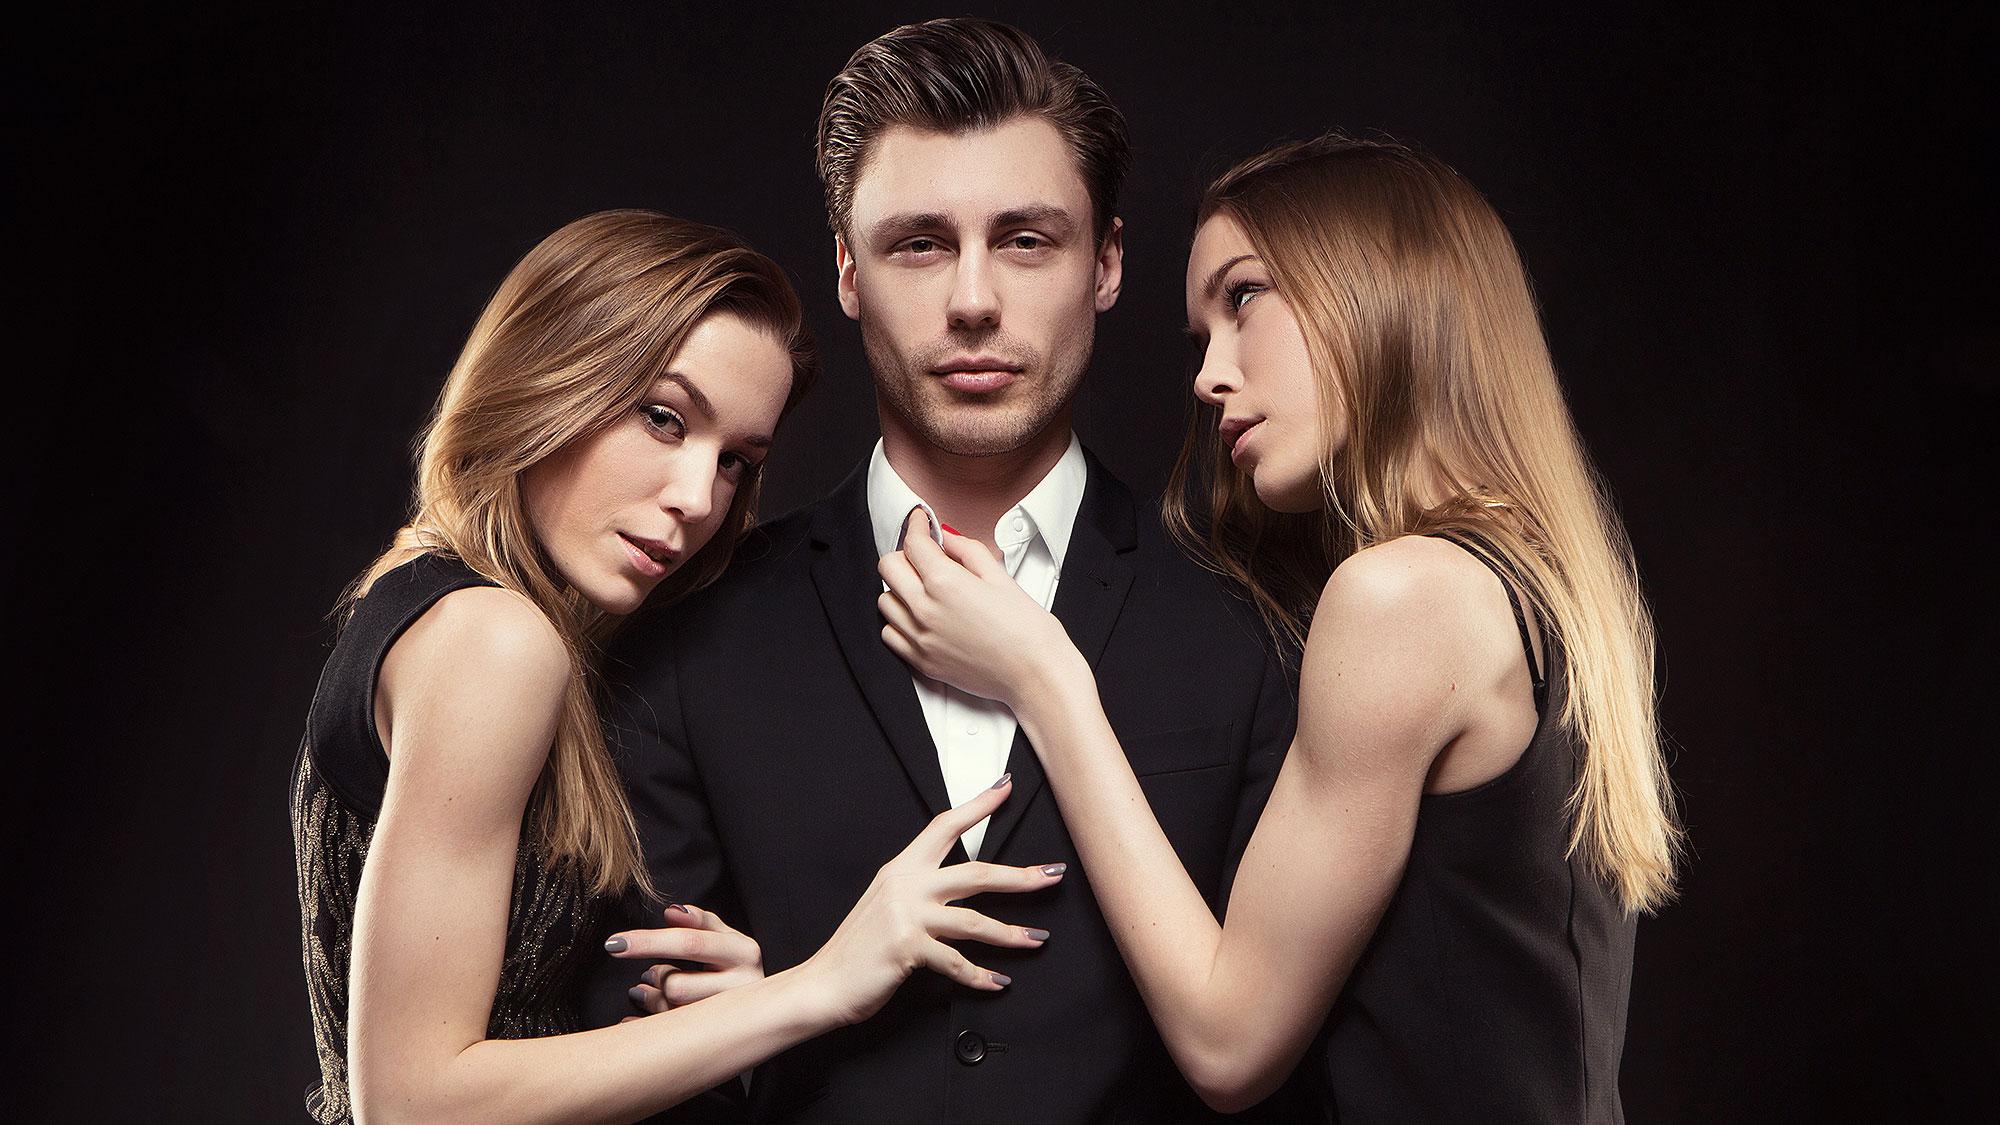 Охота на миллионера: чем различаются богачи в сексе и затратах на любовниц